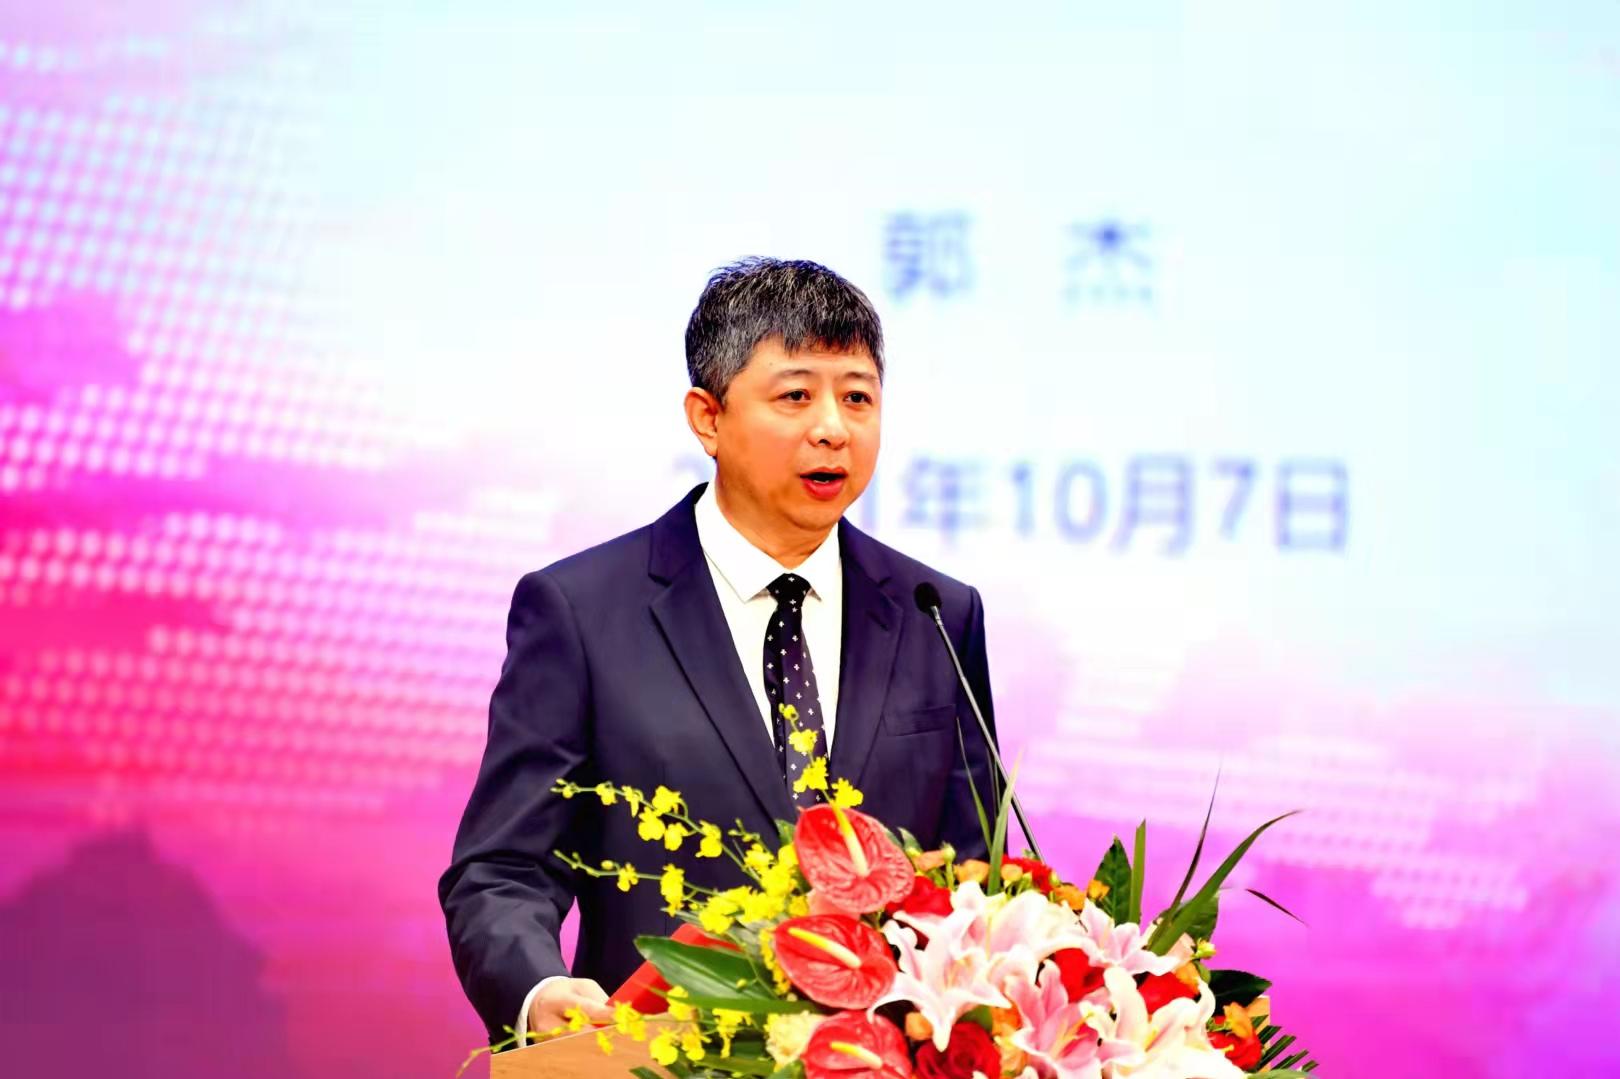 北京汇文中学校长郭杰